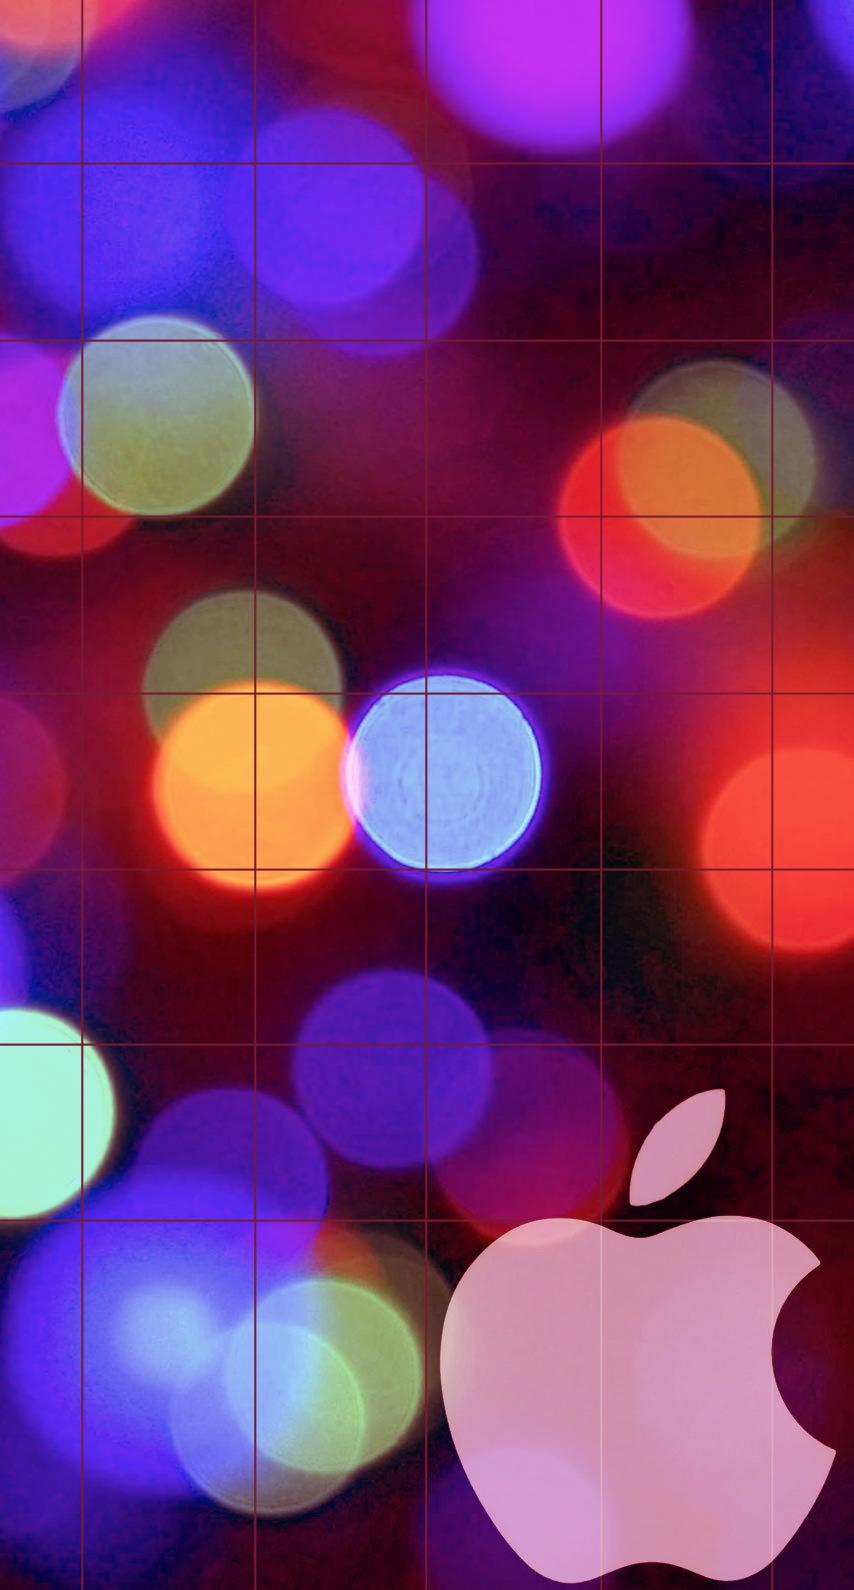 Wallpaper iphone yang keren - Gambar Wallpaper Keren Iphone